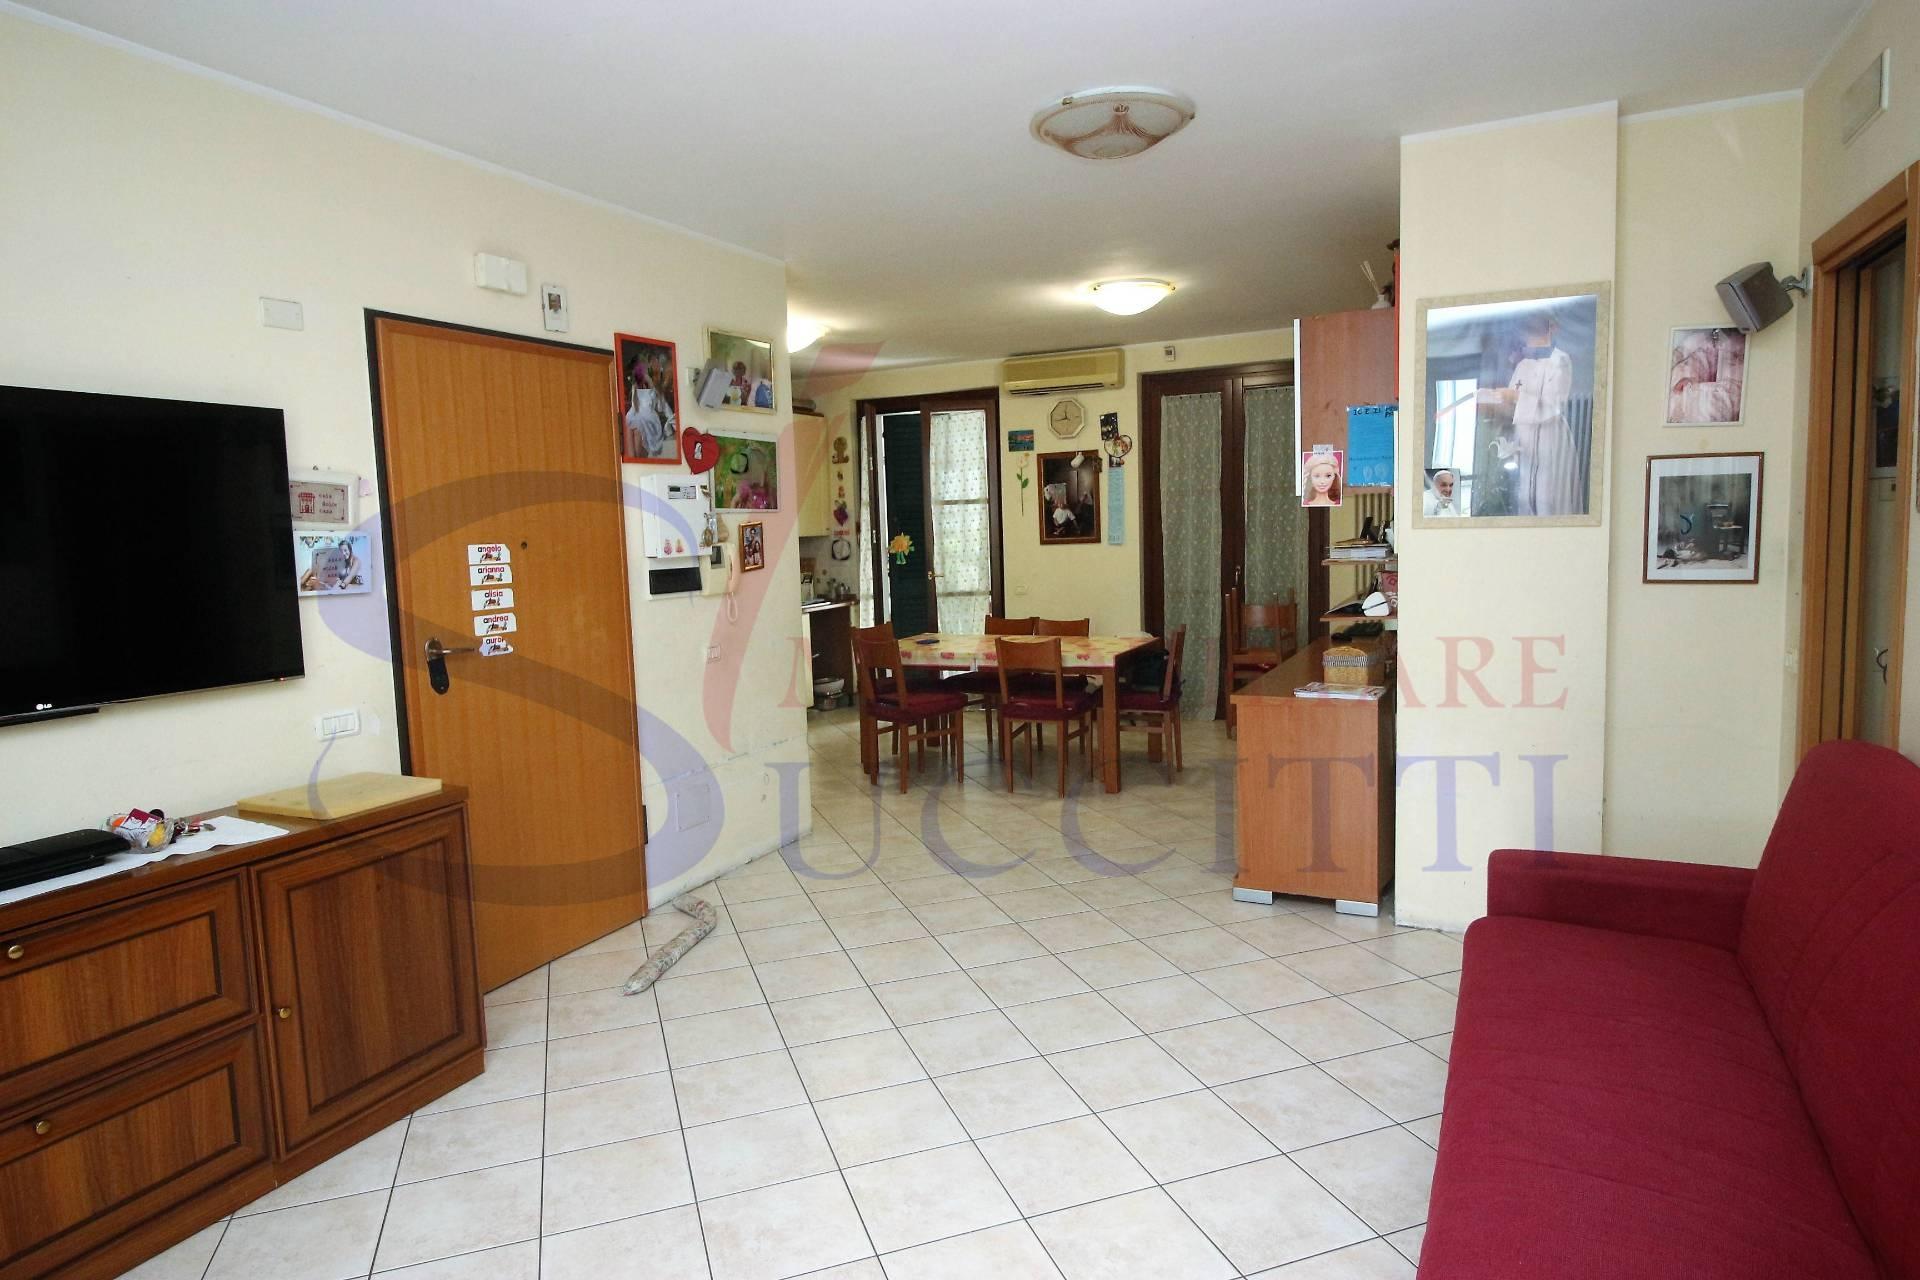 Appartamento in vendita a Alba Adriatica, 4 locali, prezzo € 125.000 | CambioCasa.it